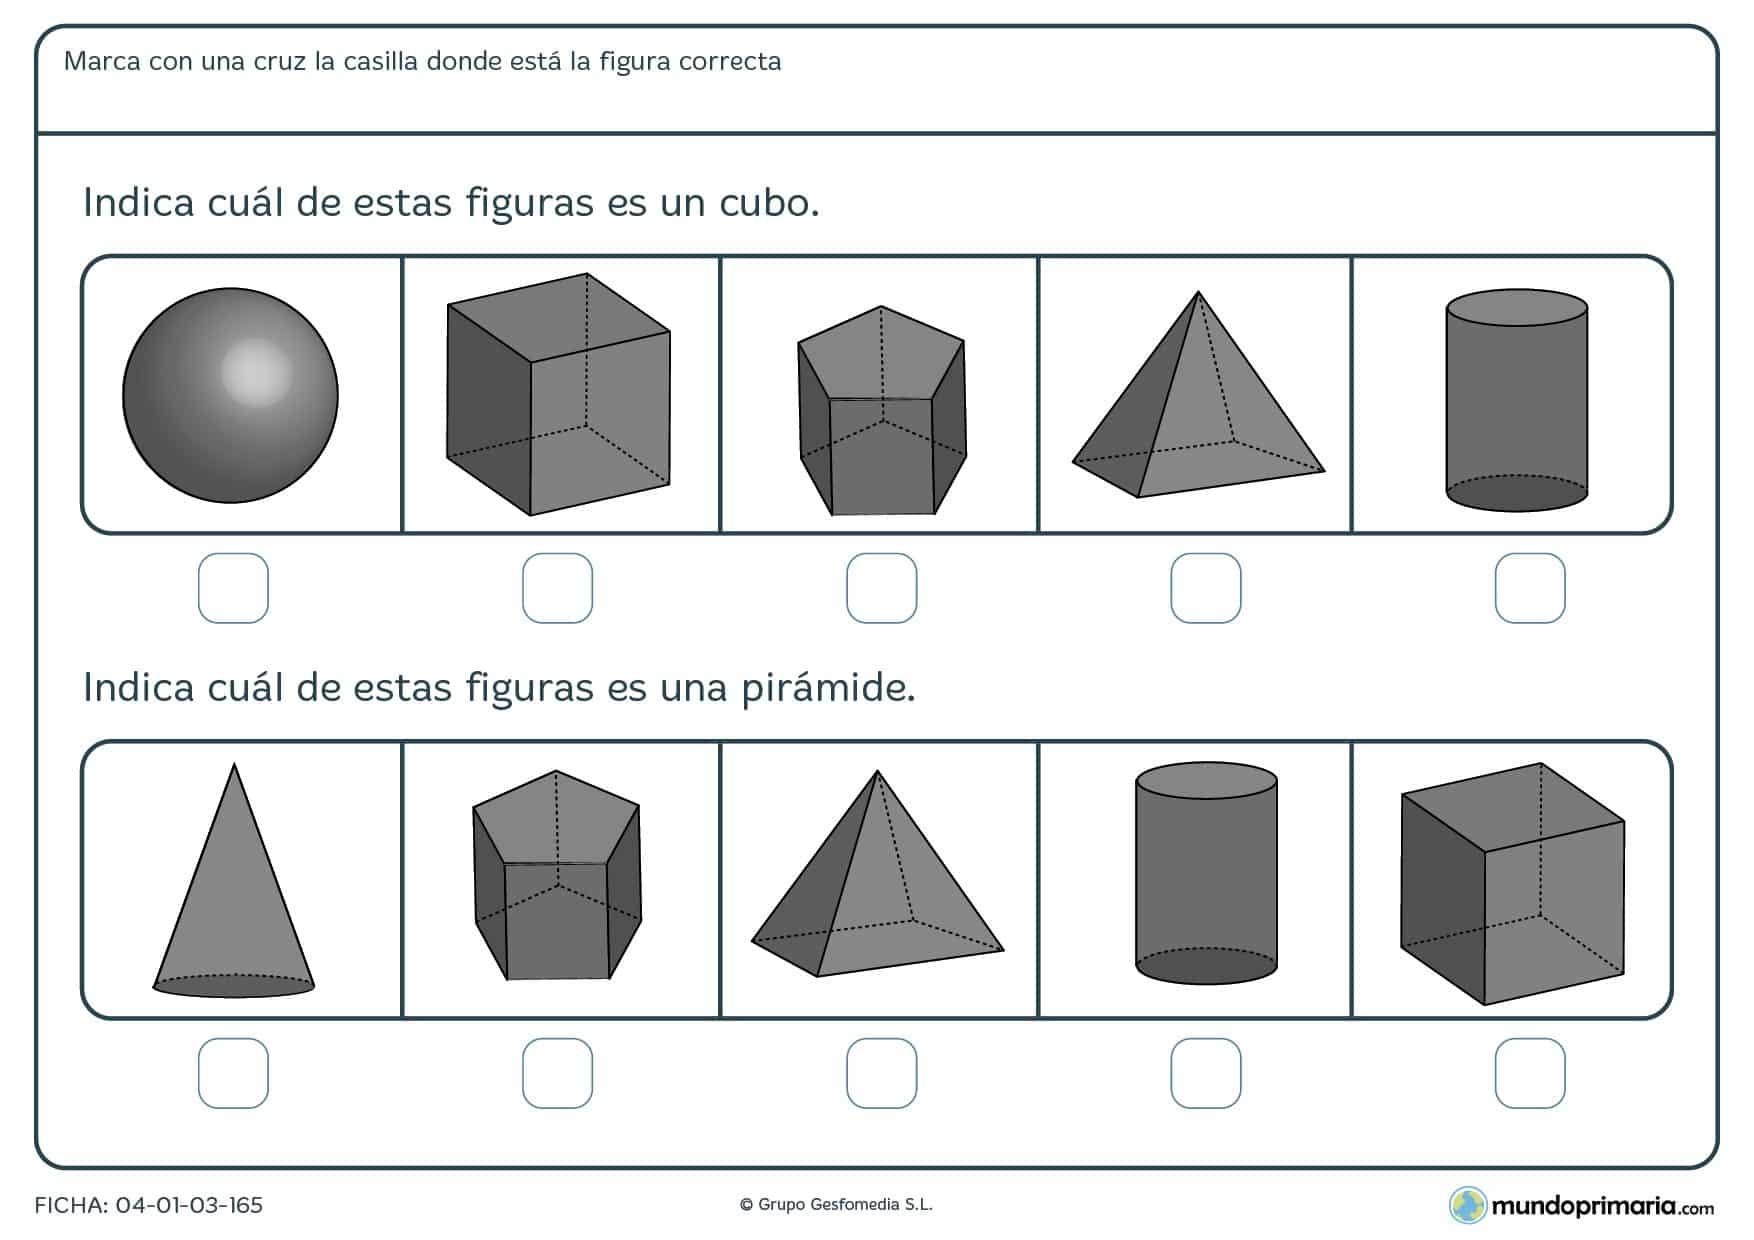 Ficha de identificar cubos y diferentes cuerpos geométrico señalando la respuesta correcta.